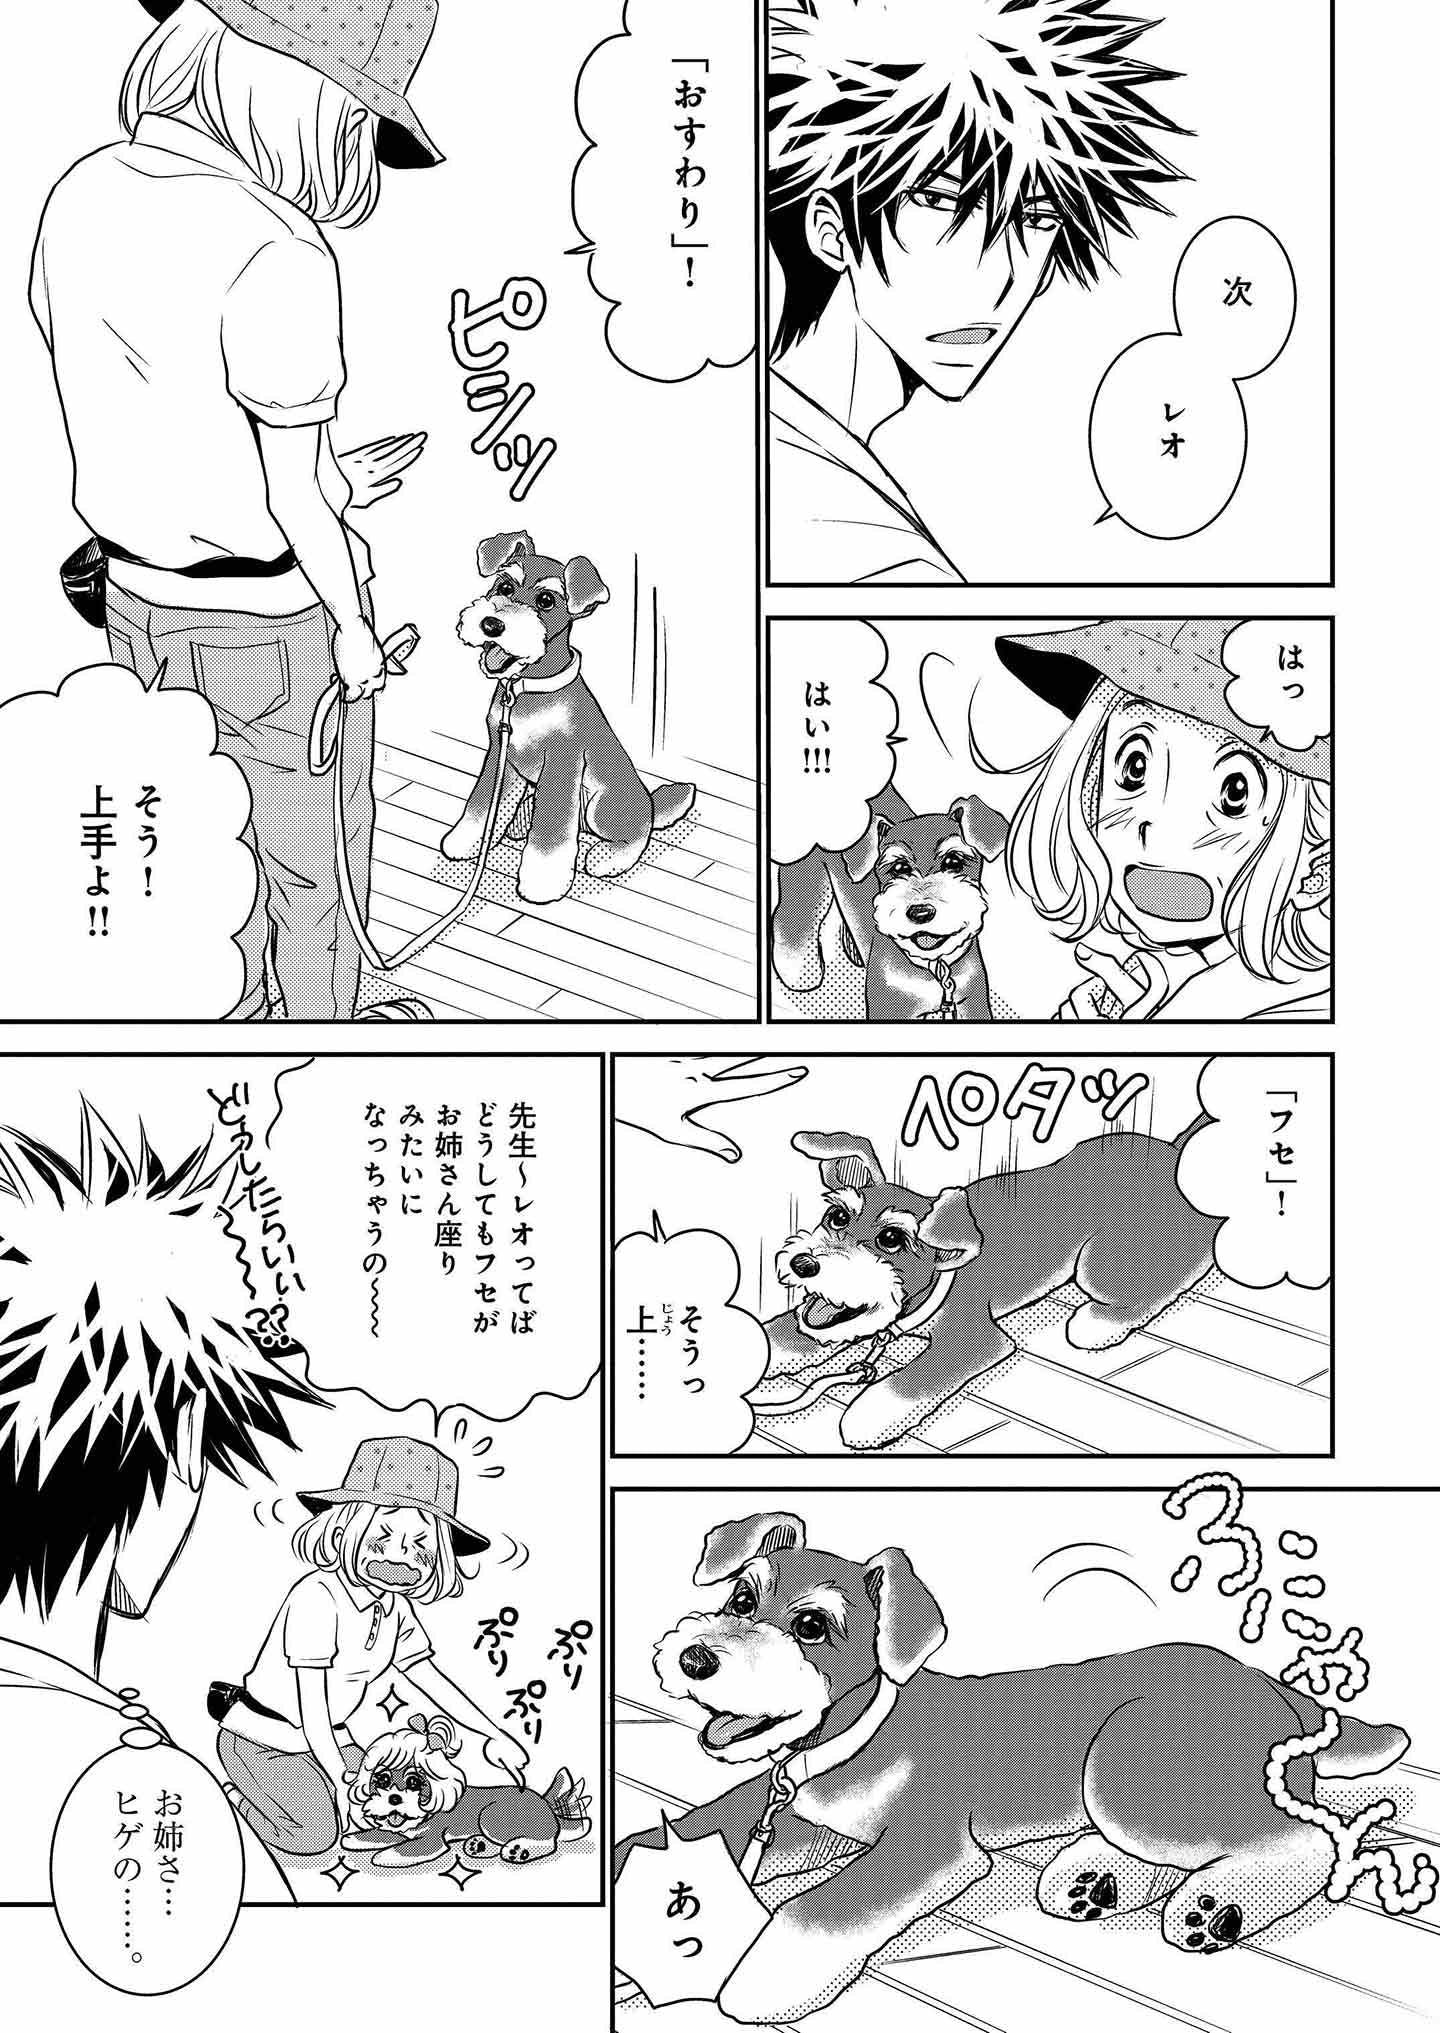 『DOG SIGNAL』12話目① 2ページ目